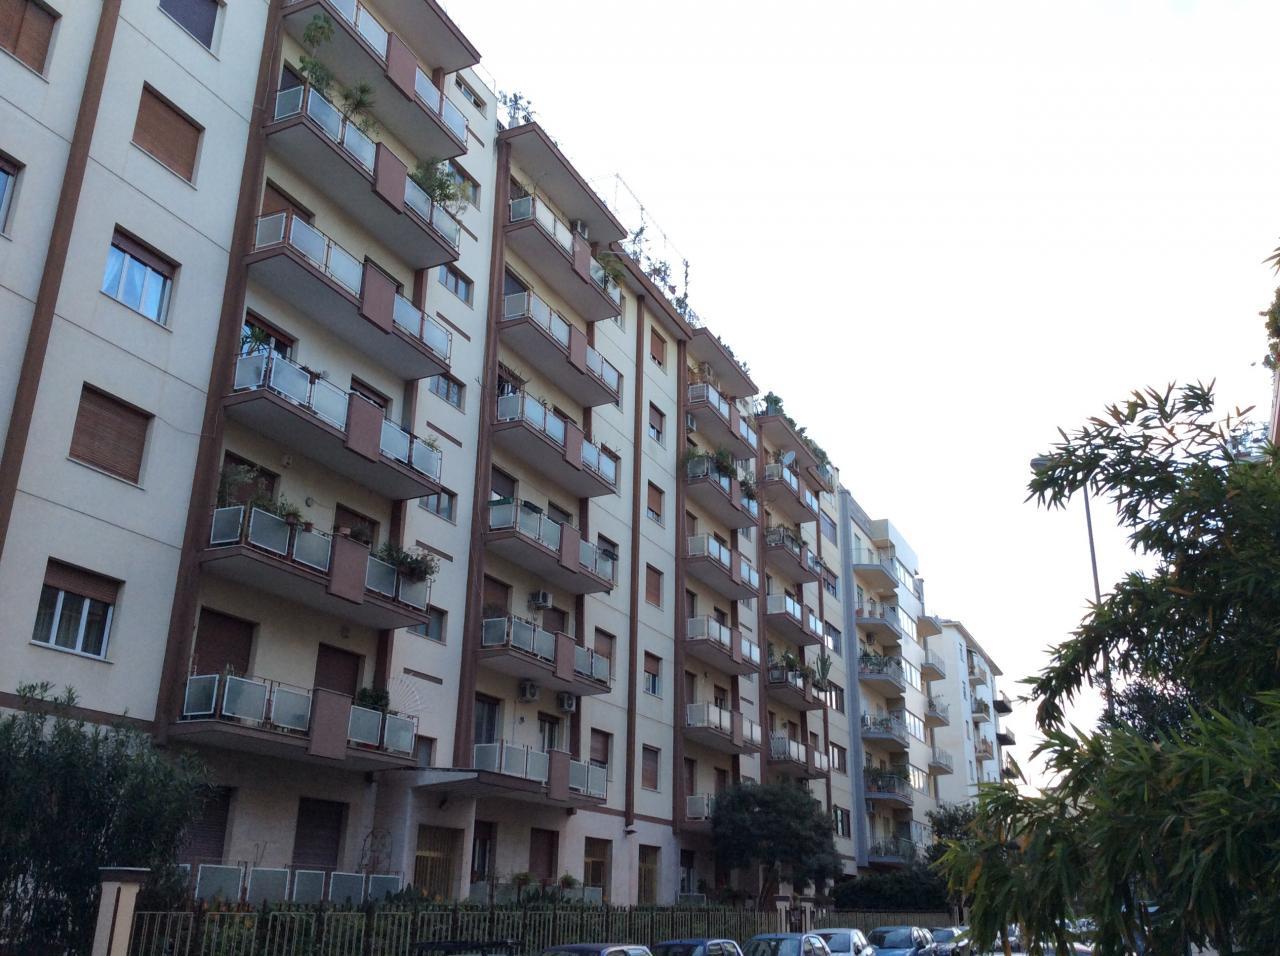 Appartamento in affitto a Palermo, 5 locali, zona Località: Lazio, prezzo € 700 | Cambio Casa.it